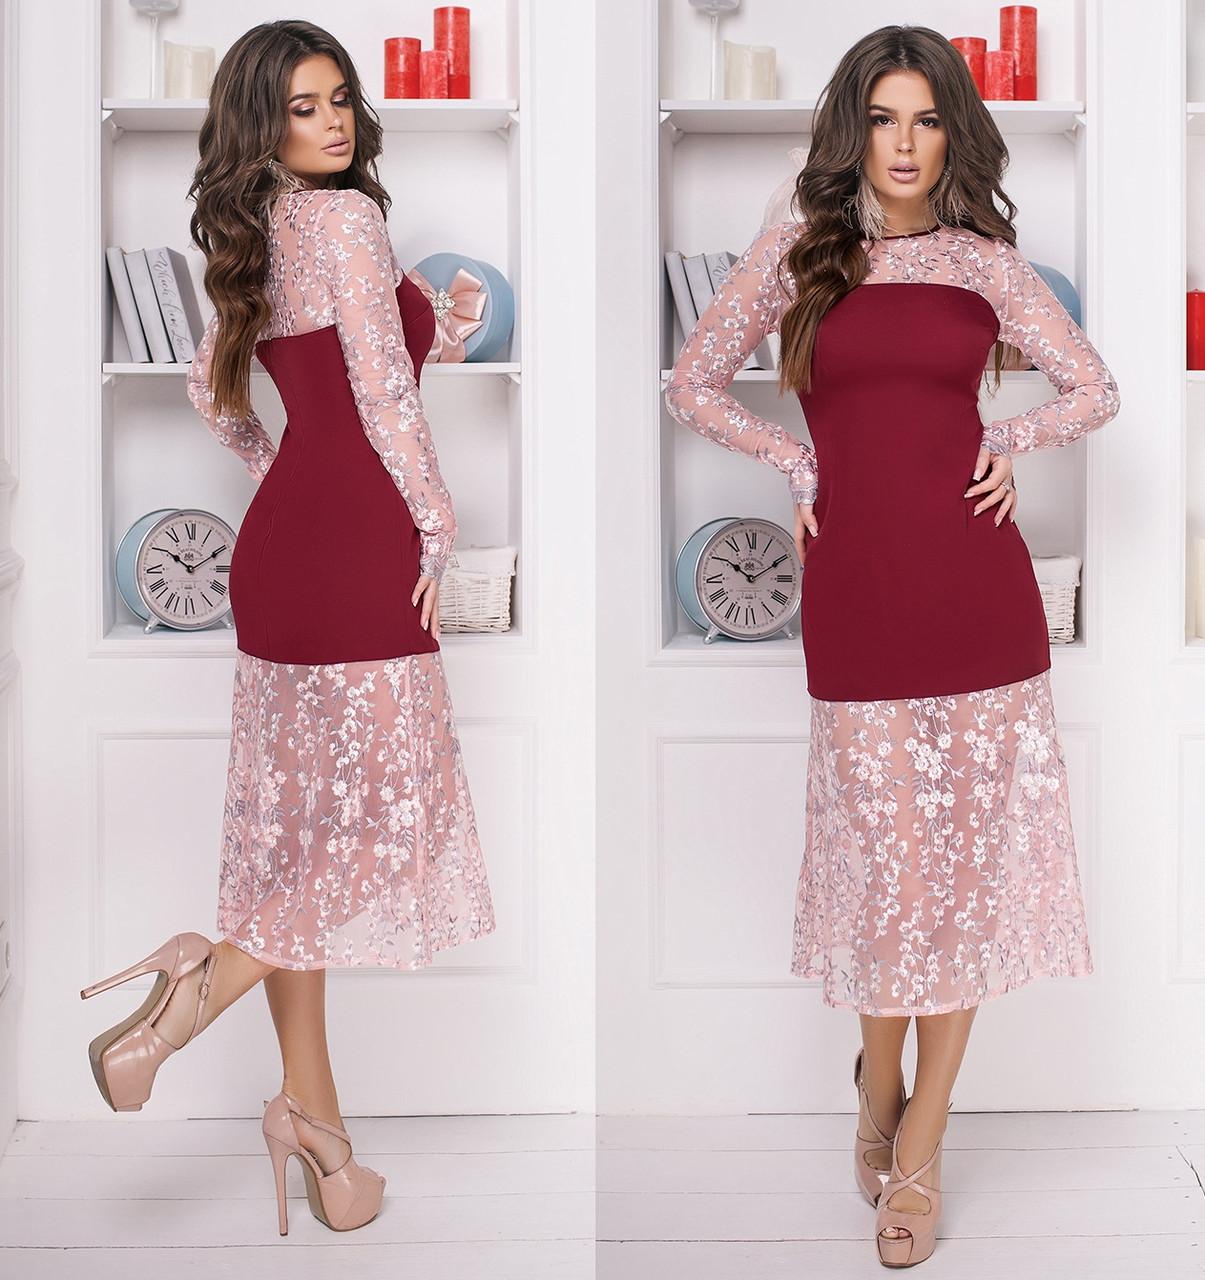 ee82c072c23 Платье с вышивкой на сетке. Бордовое